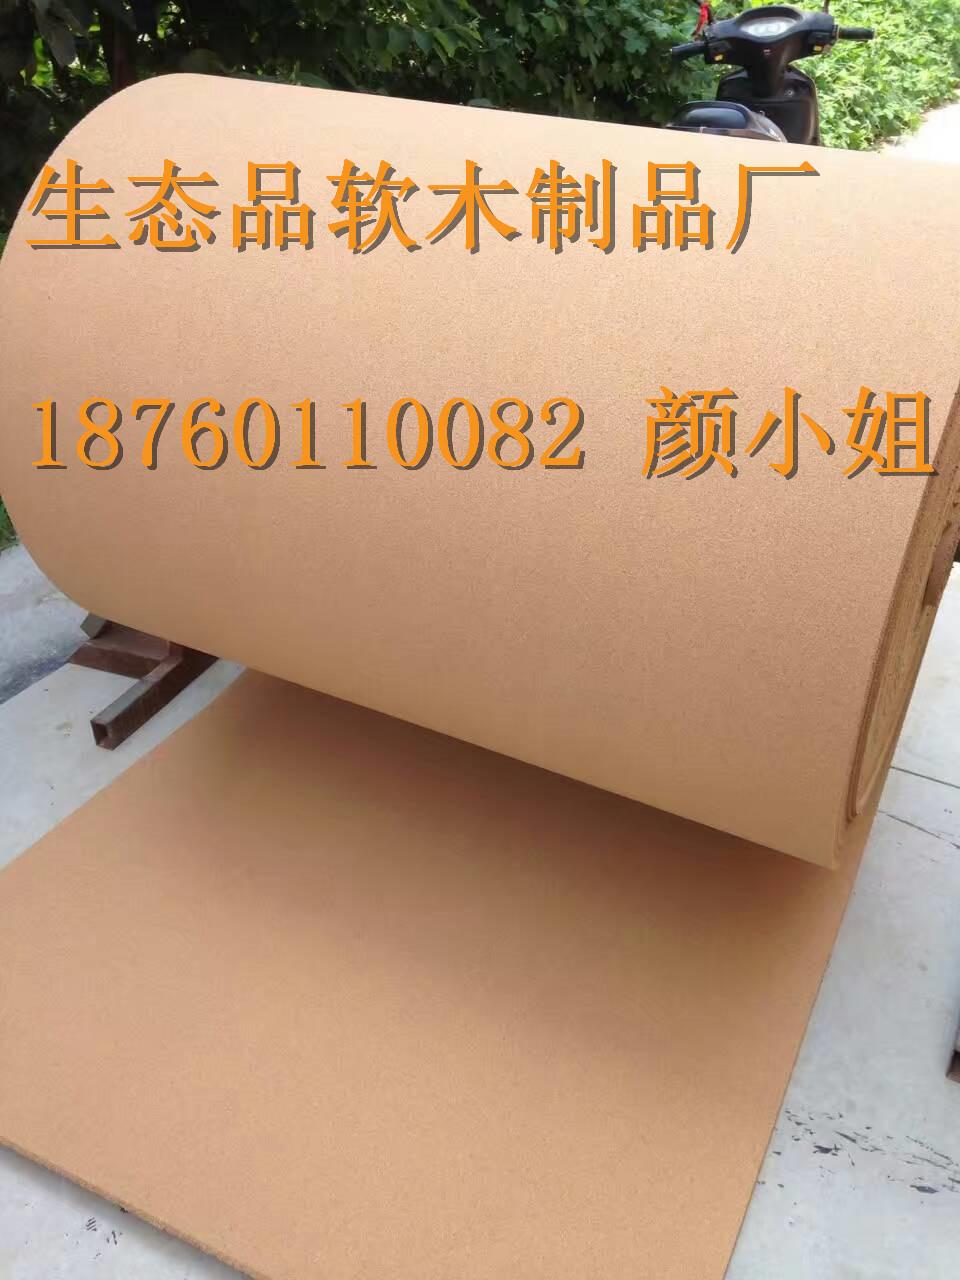 软木卷材供应商电话